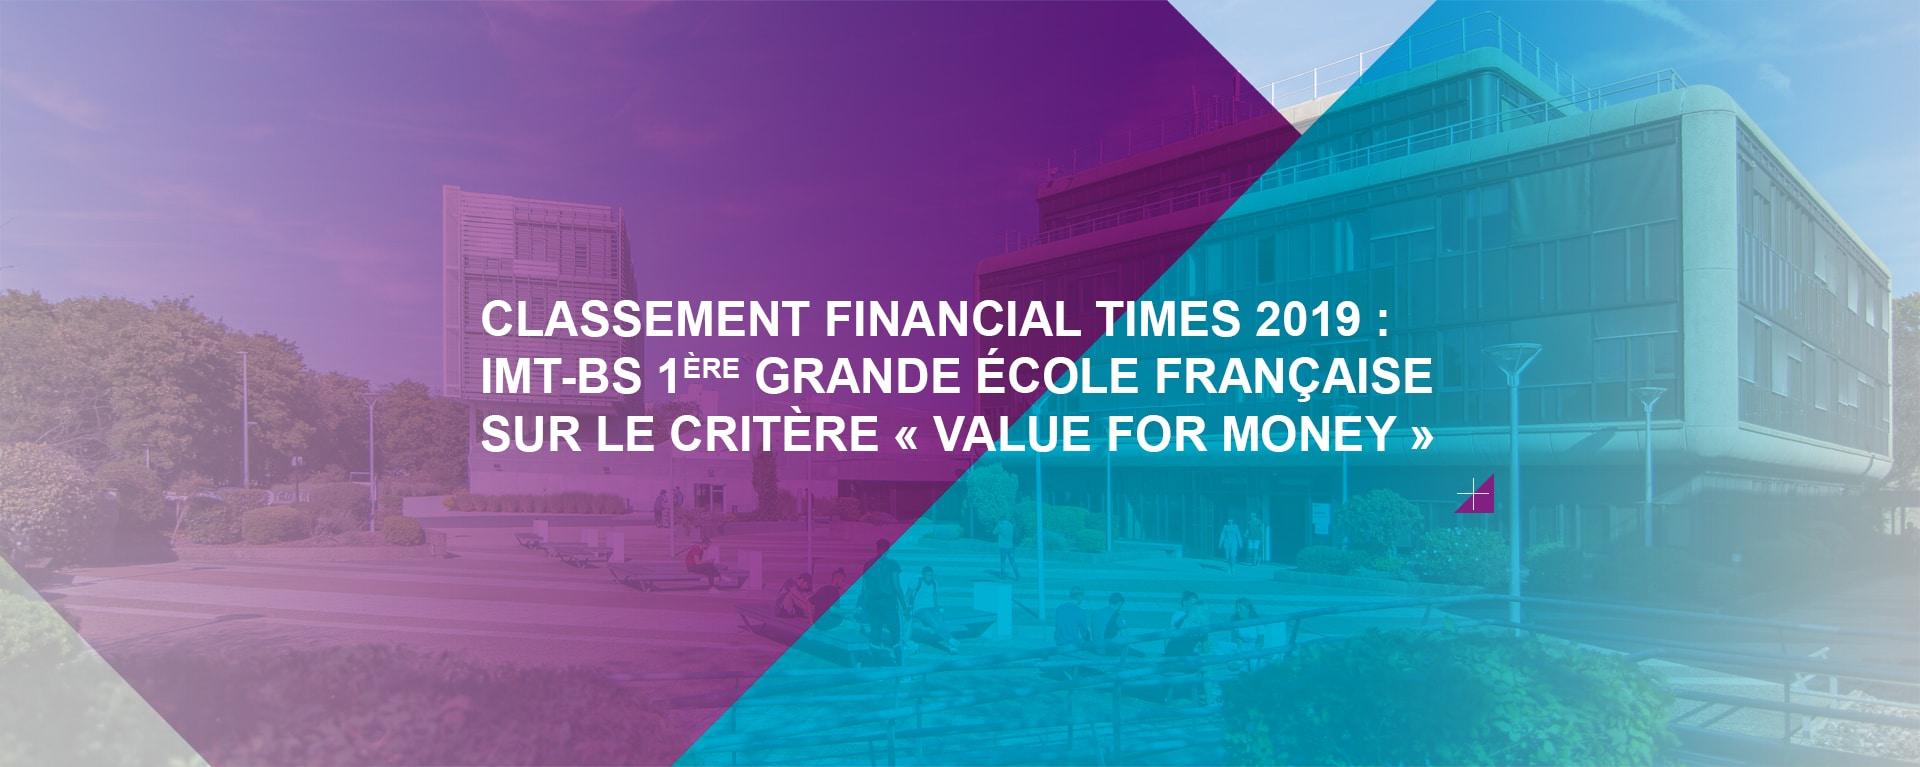 Classement Financial Times 2019